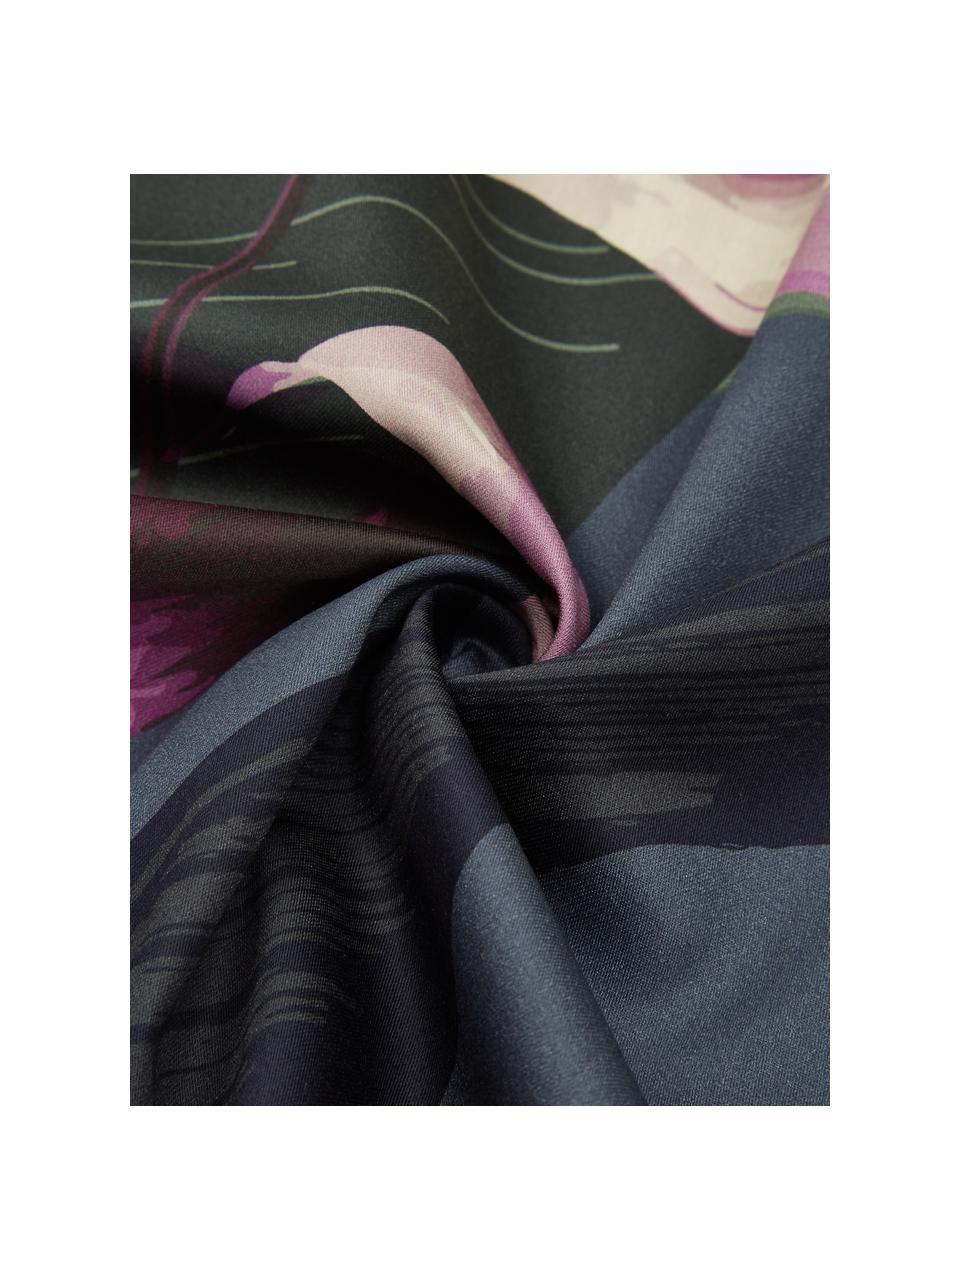 Pościel z satyny bawełnianej Flora, Przód: wielobarwny Tył: ciemny szary, 135 x 200 cm + 1 poduszka 80 x 80 cm